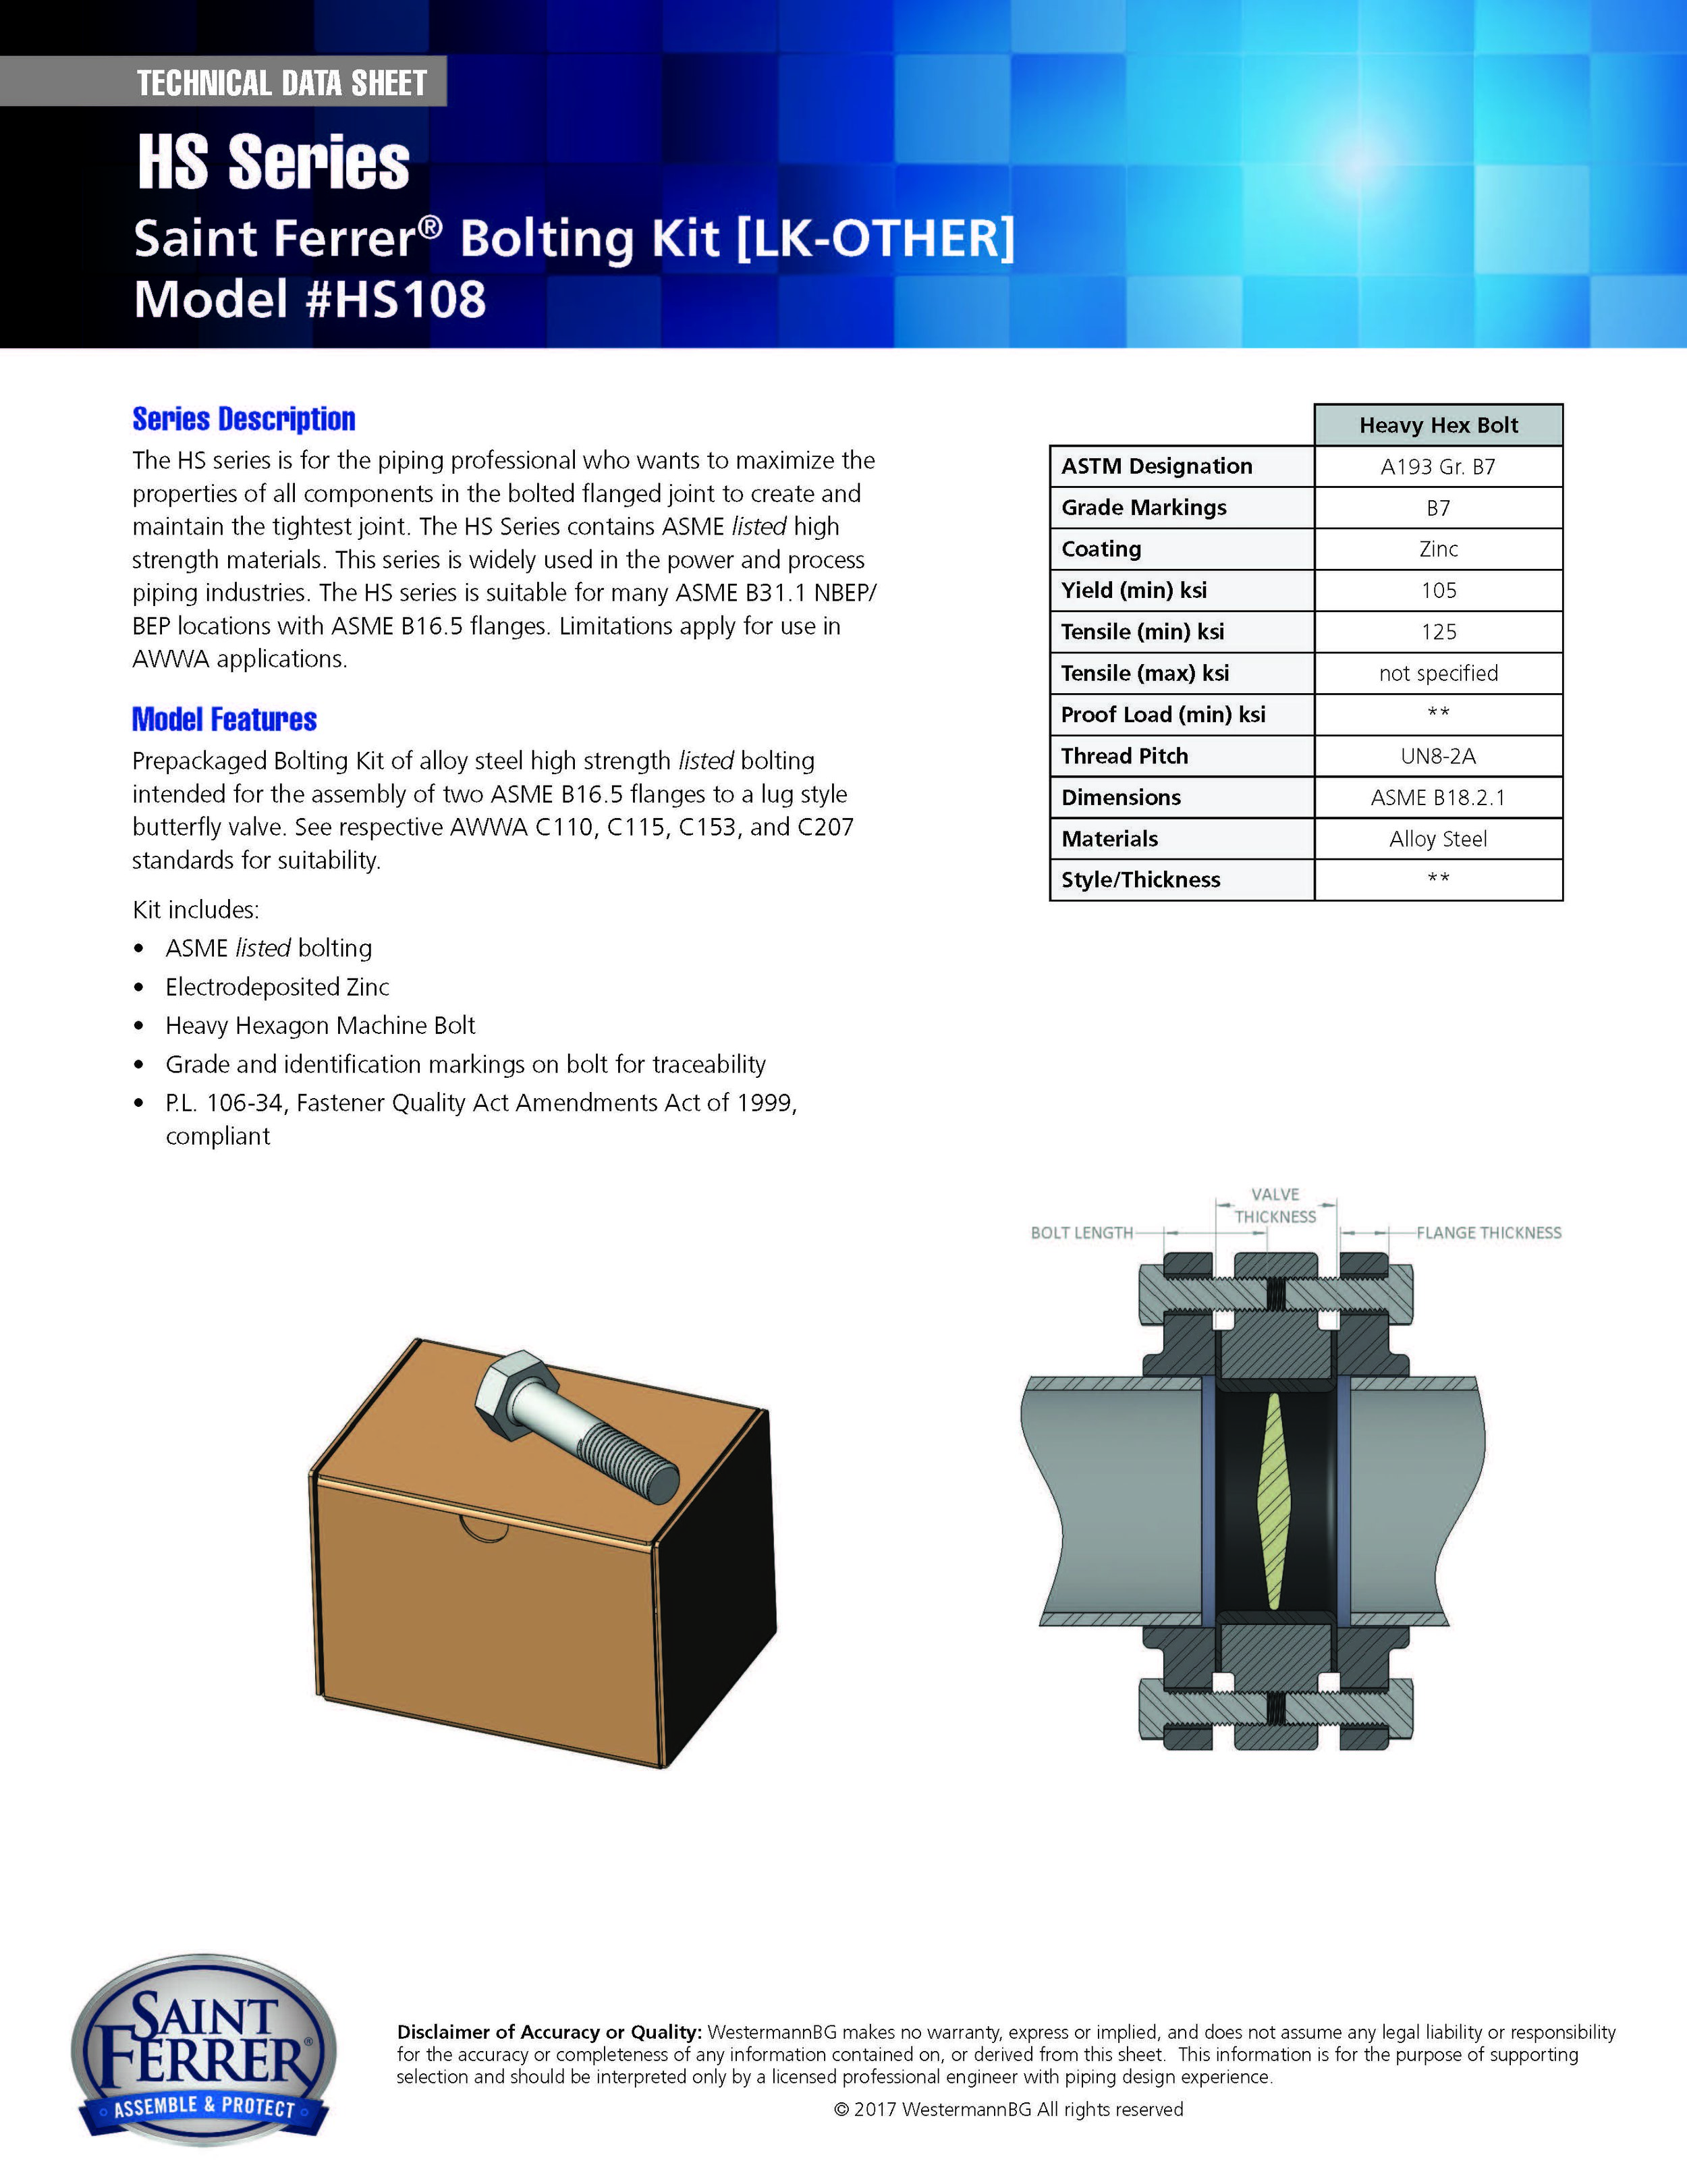 SF_Data_Sheet_HS_Series_HS108.jpg